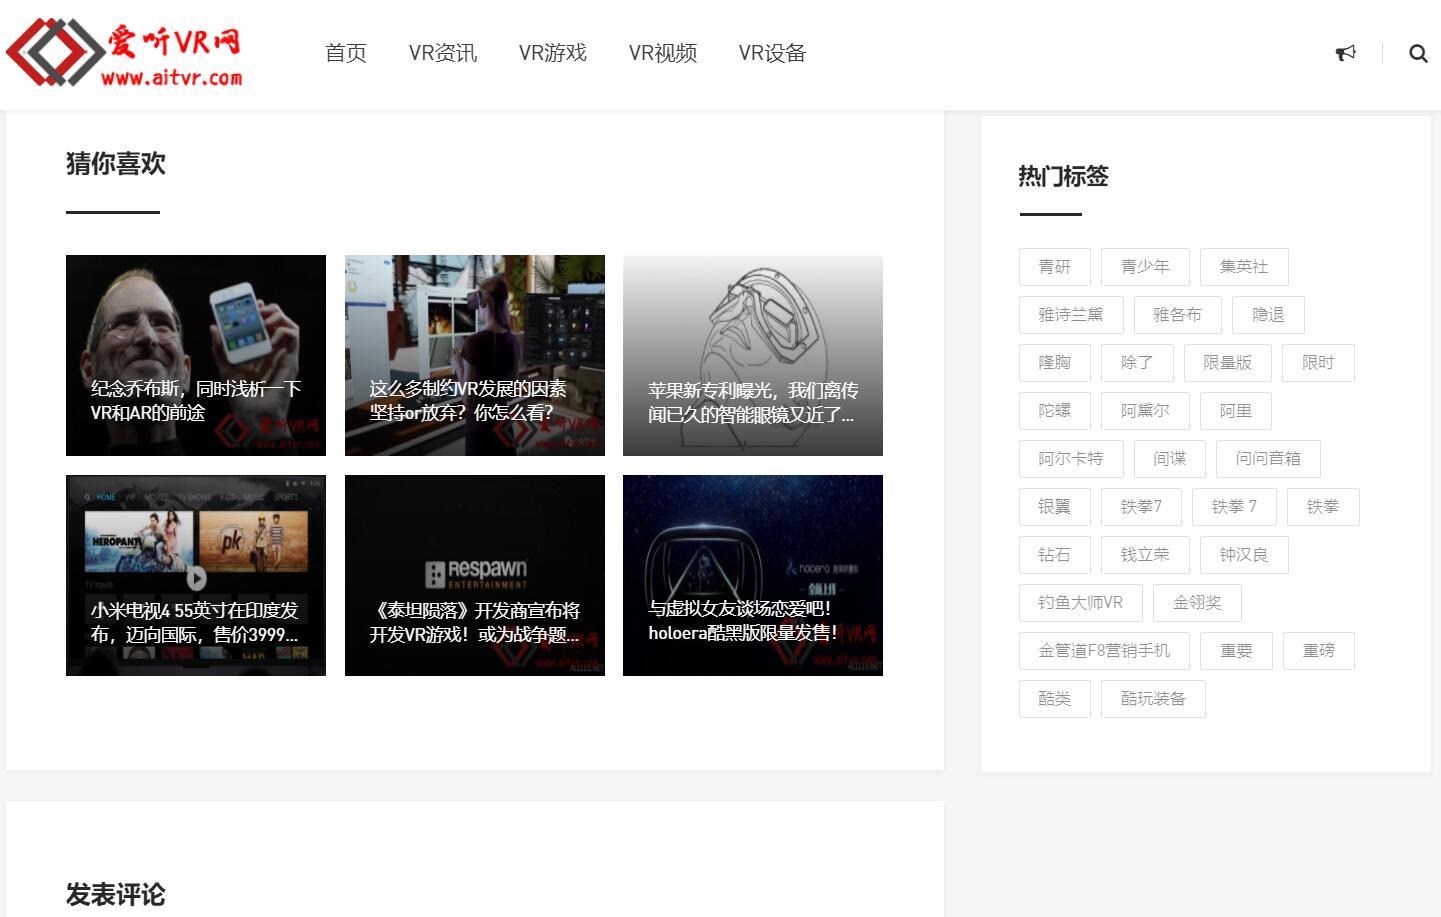 最新Grace6.2自媒体极客新闻资讯WordPress博客类主题|苏醒Grace6.2主题多样化的文章分类样式-菜鸟源码资源站